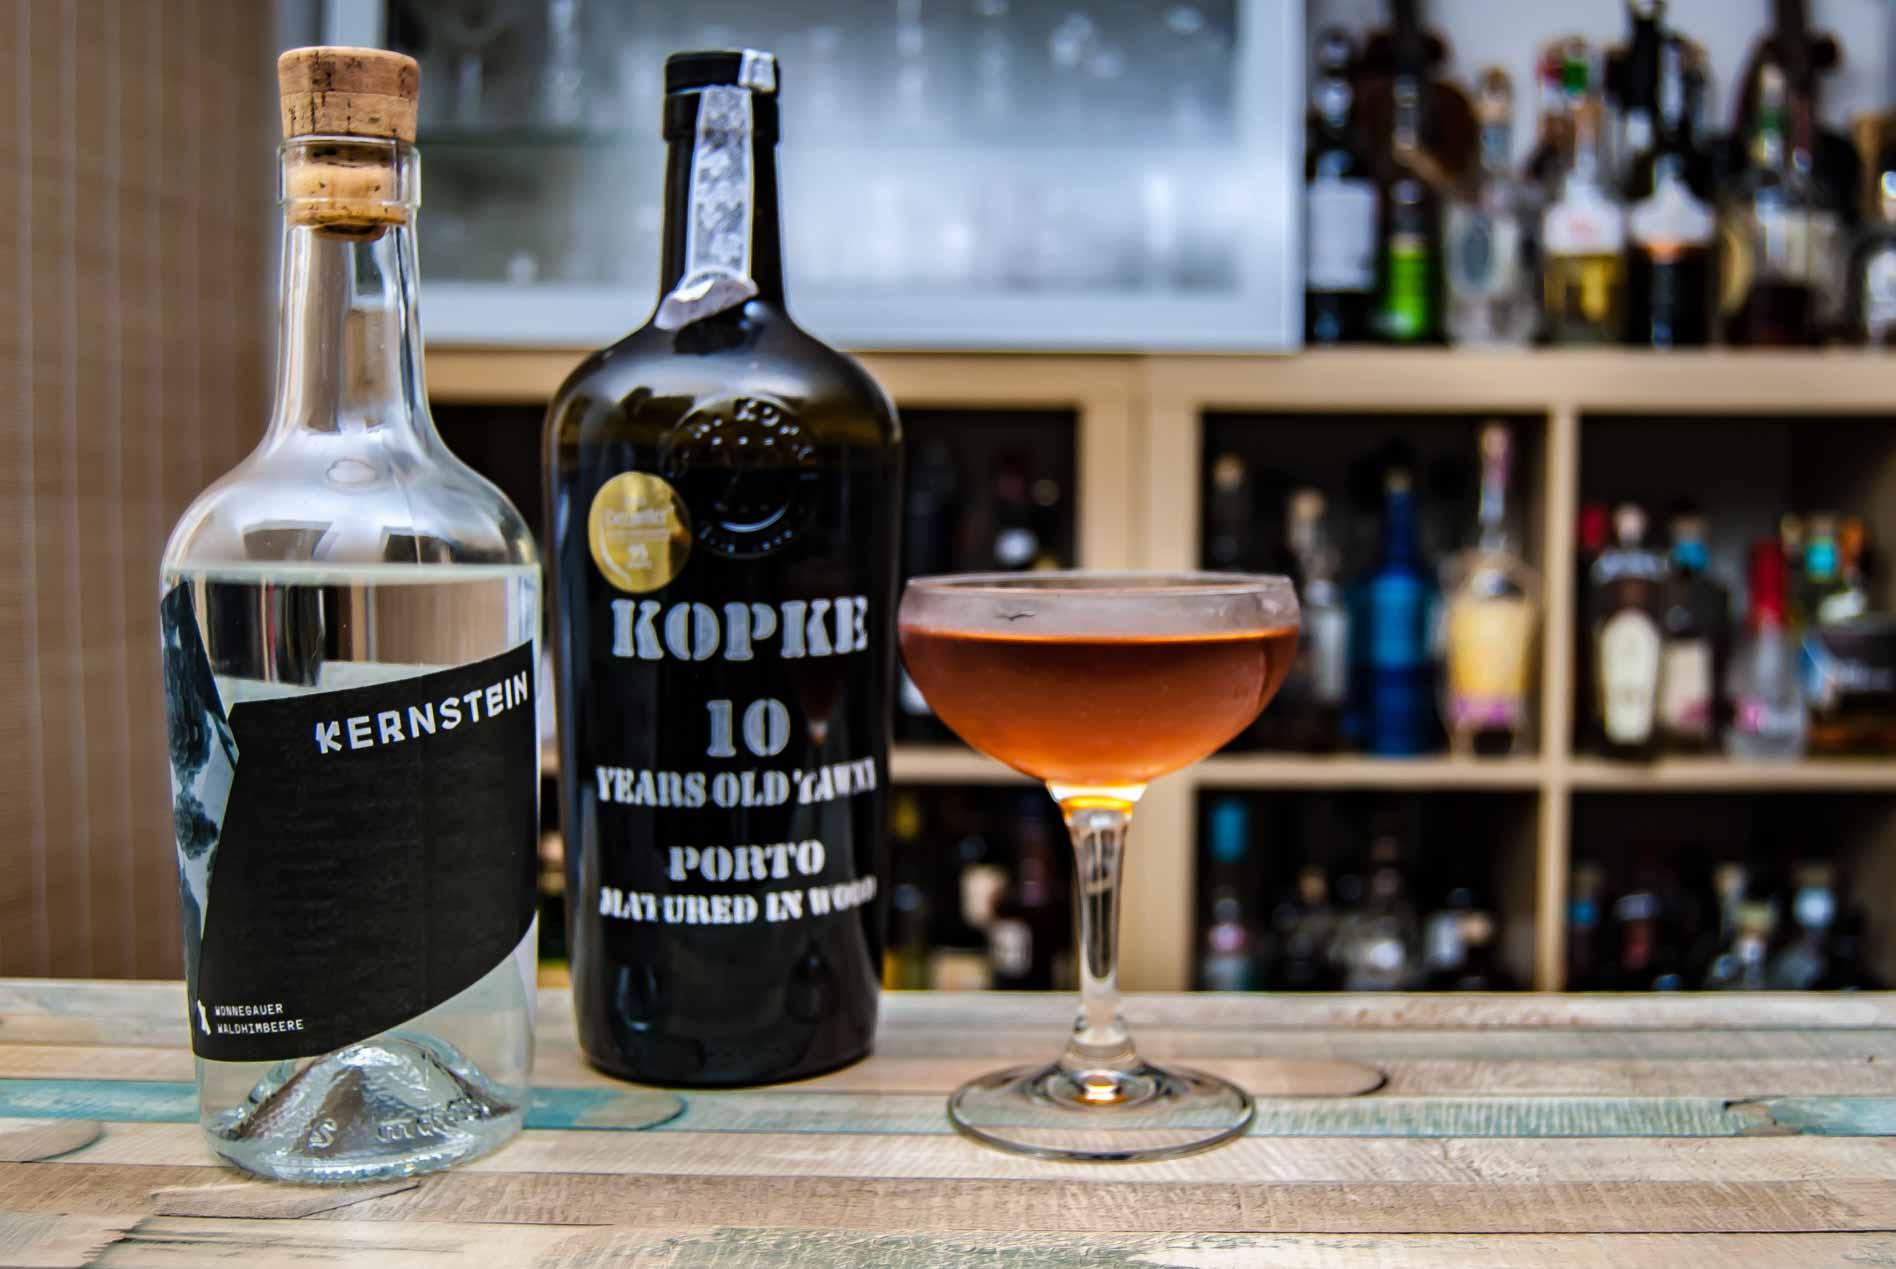 Kopke 10 Years Tawny Port mit Kernstein Himbeere im ziemlich abgefahrenen Poop deck Cocktail.